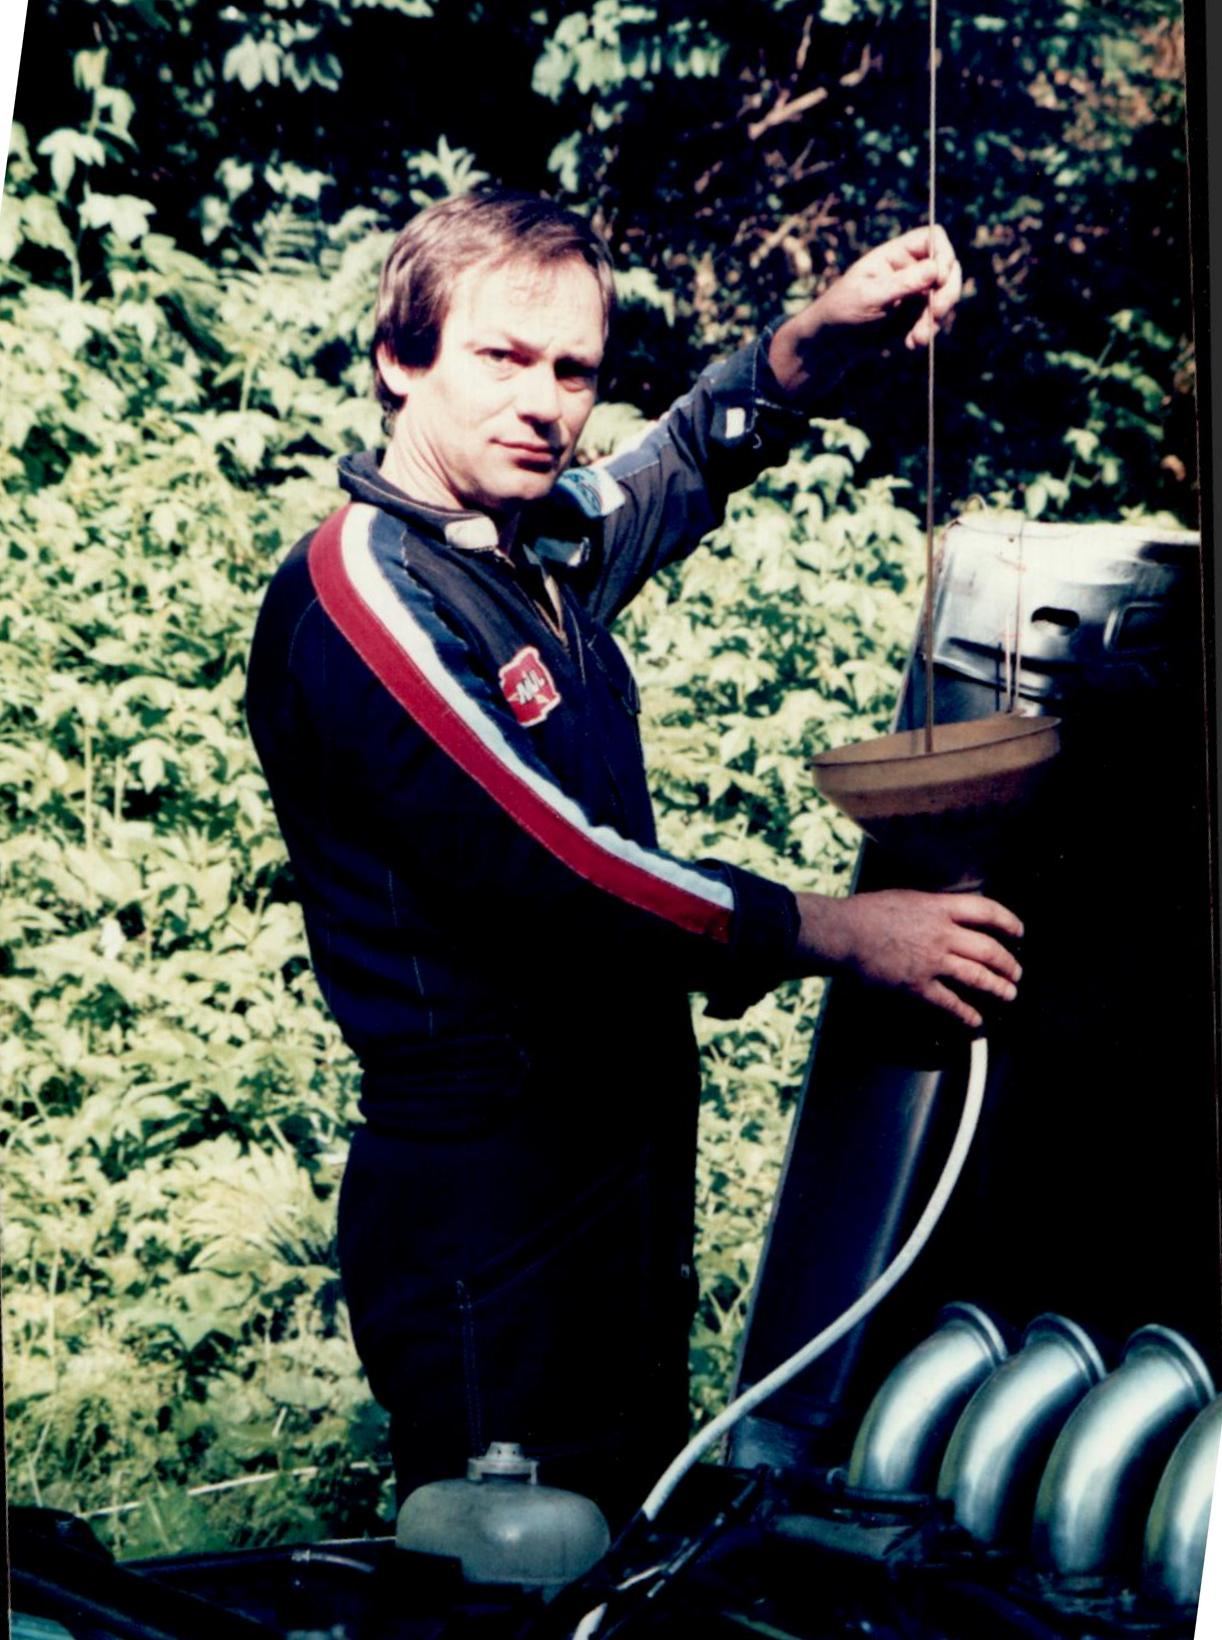 1985 Ste. Cécile